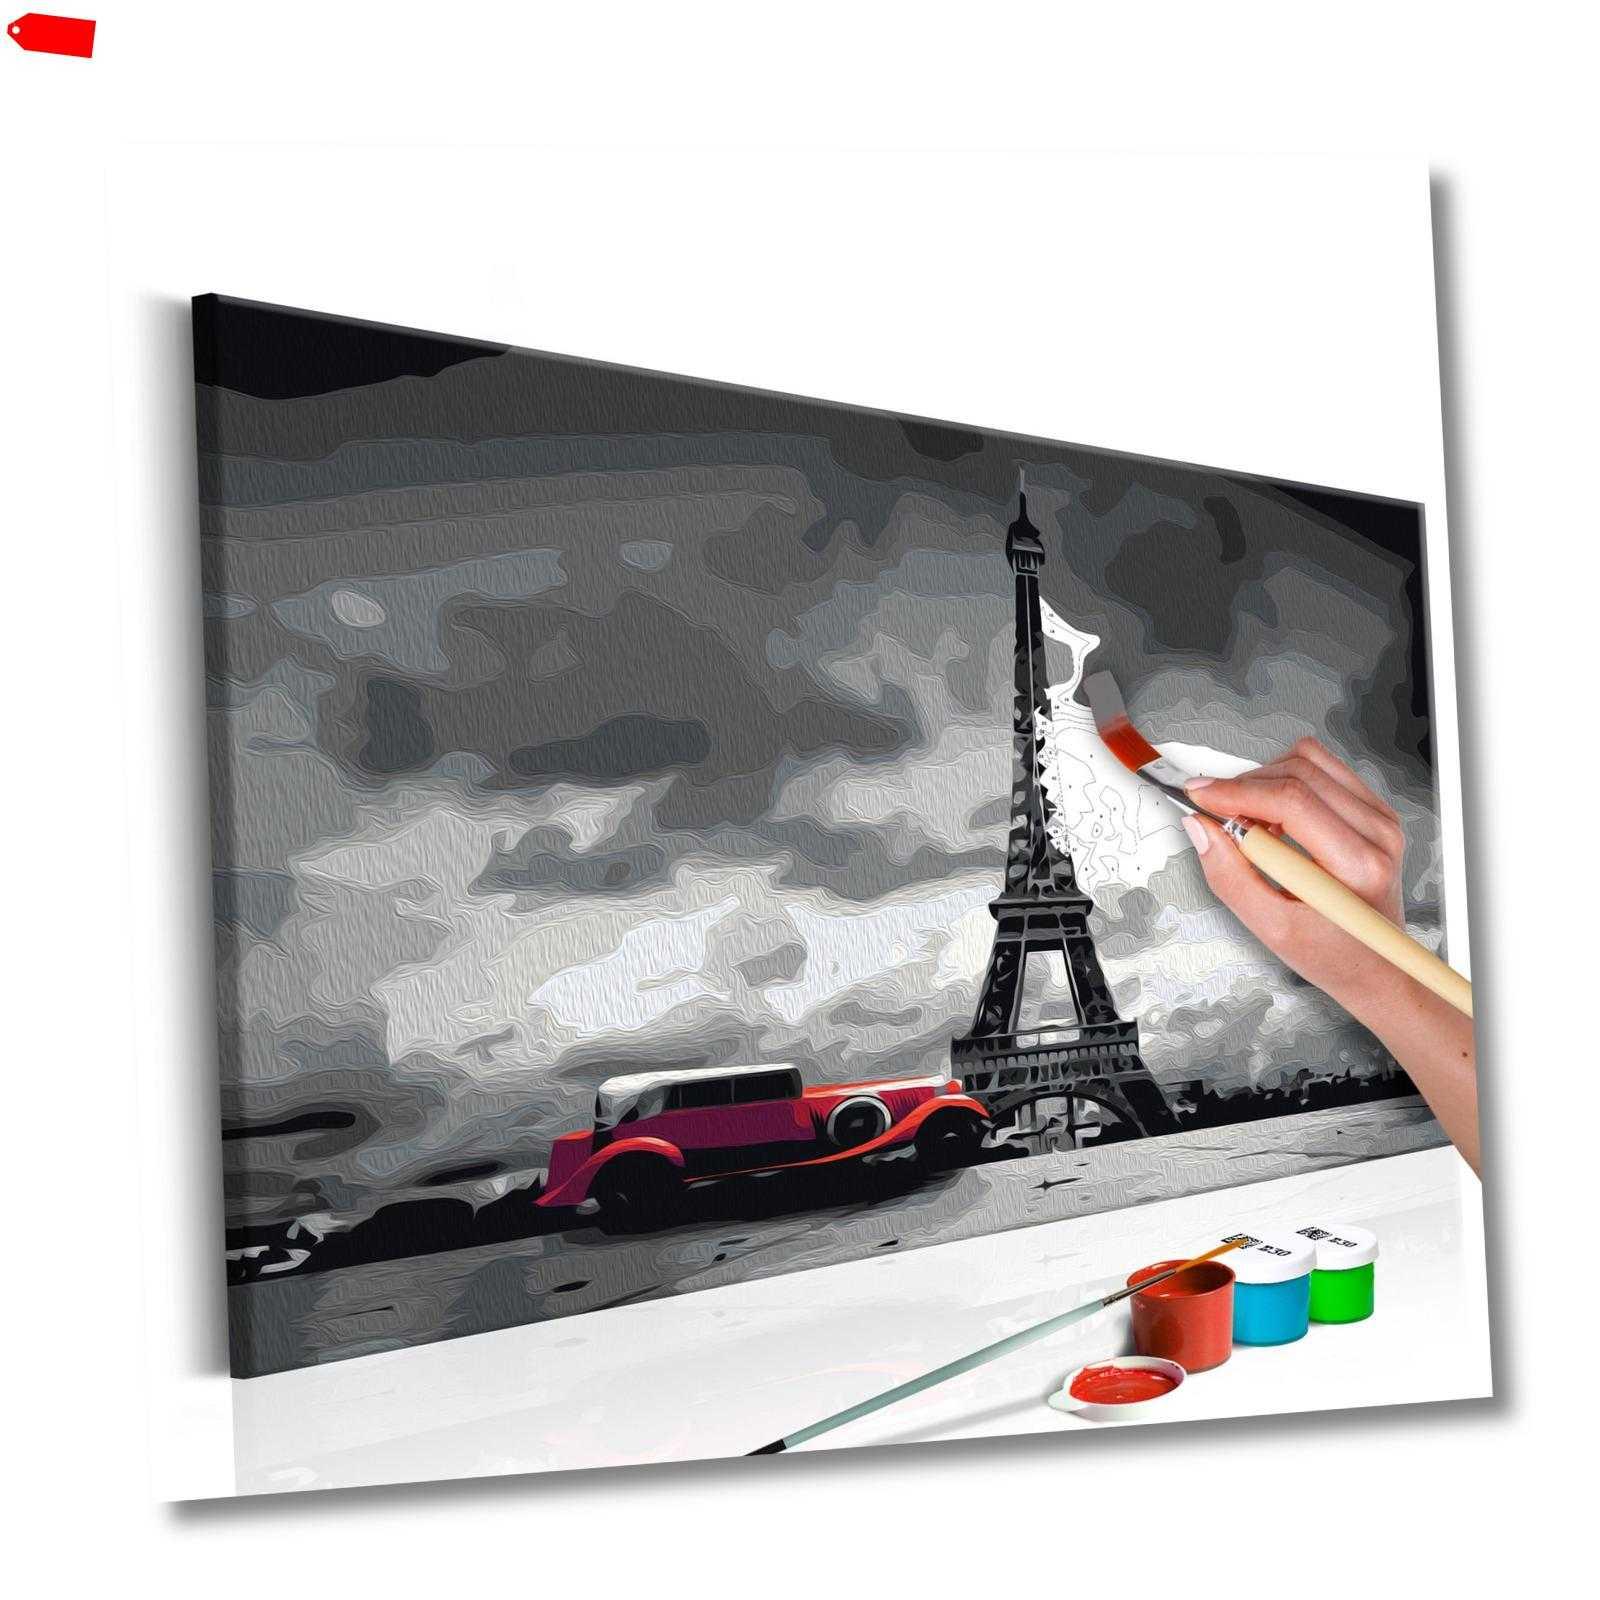 malen nach zahlen erwachsene wandbild malset mit pinsel